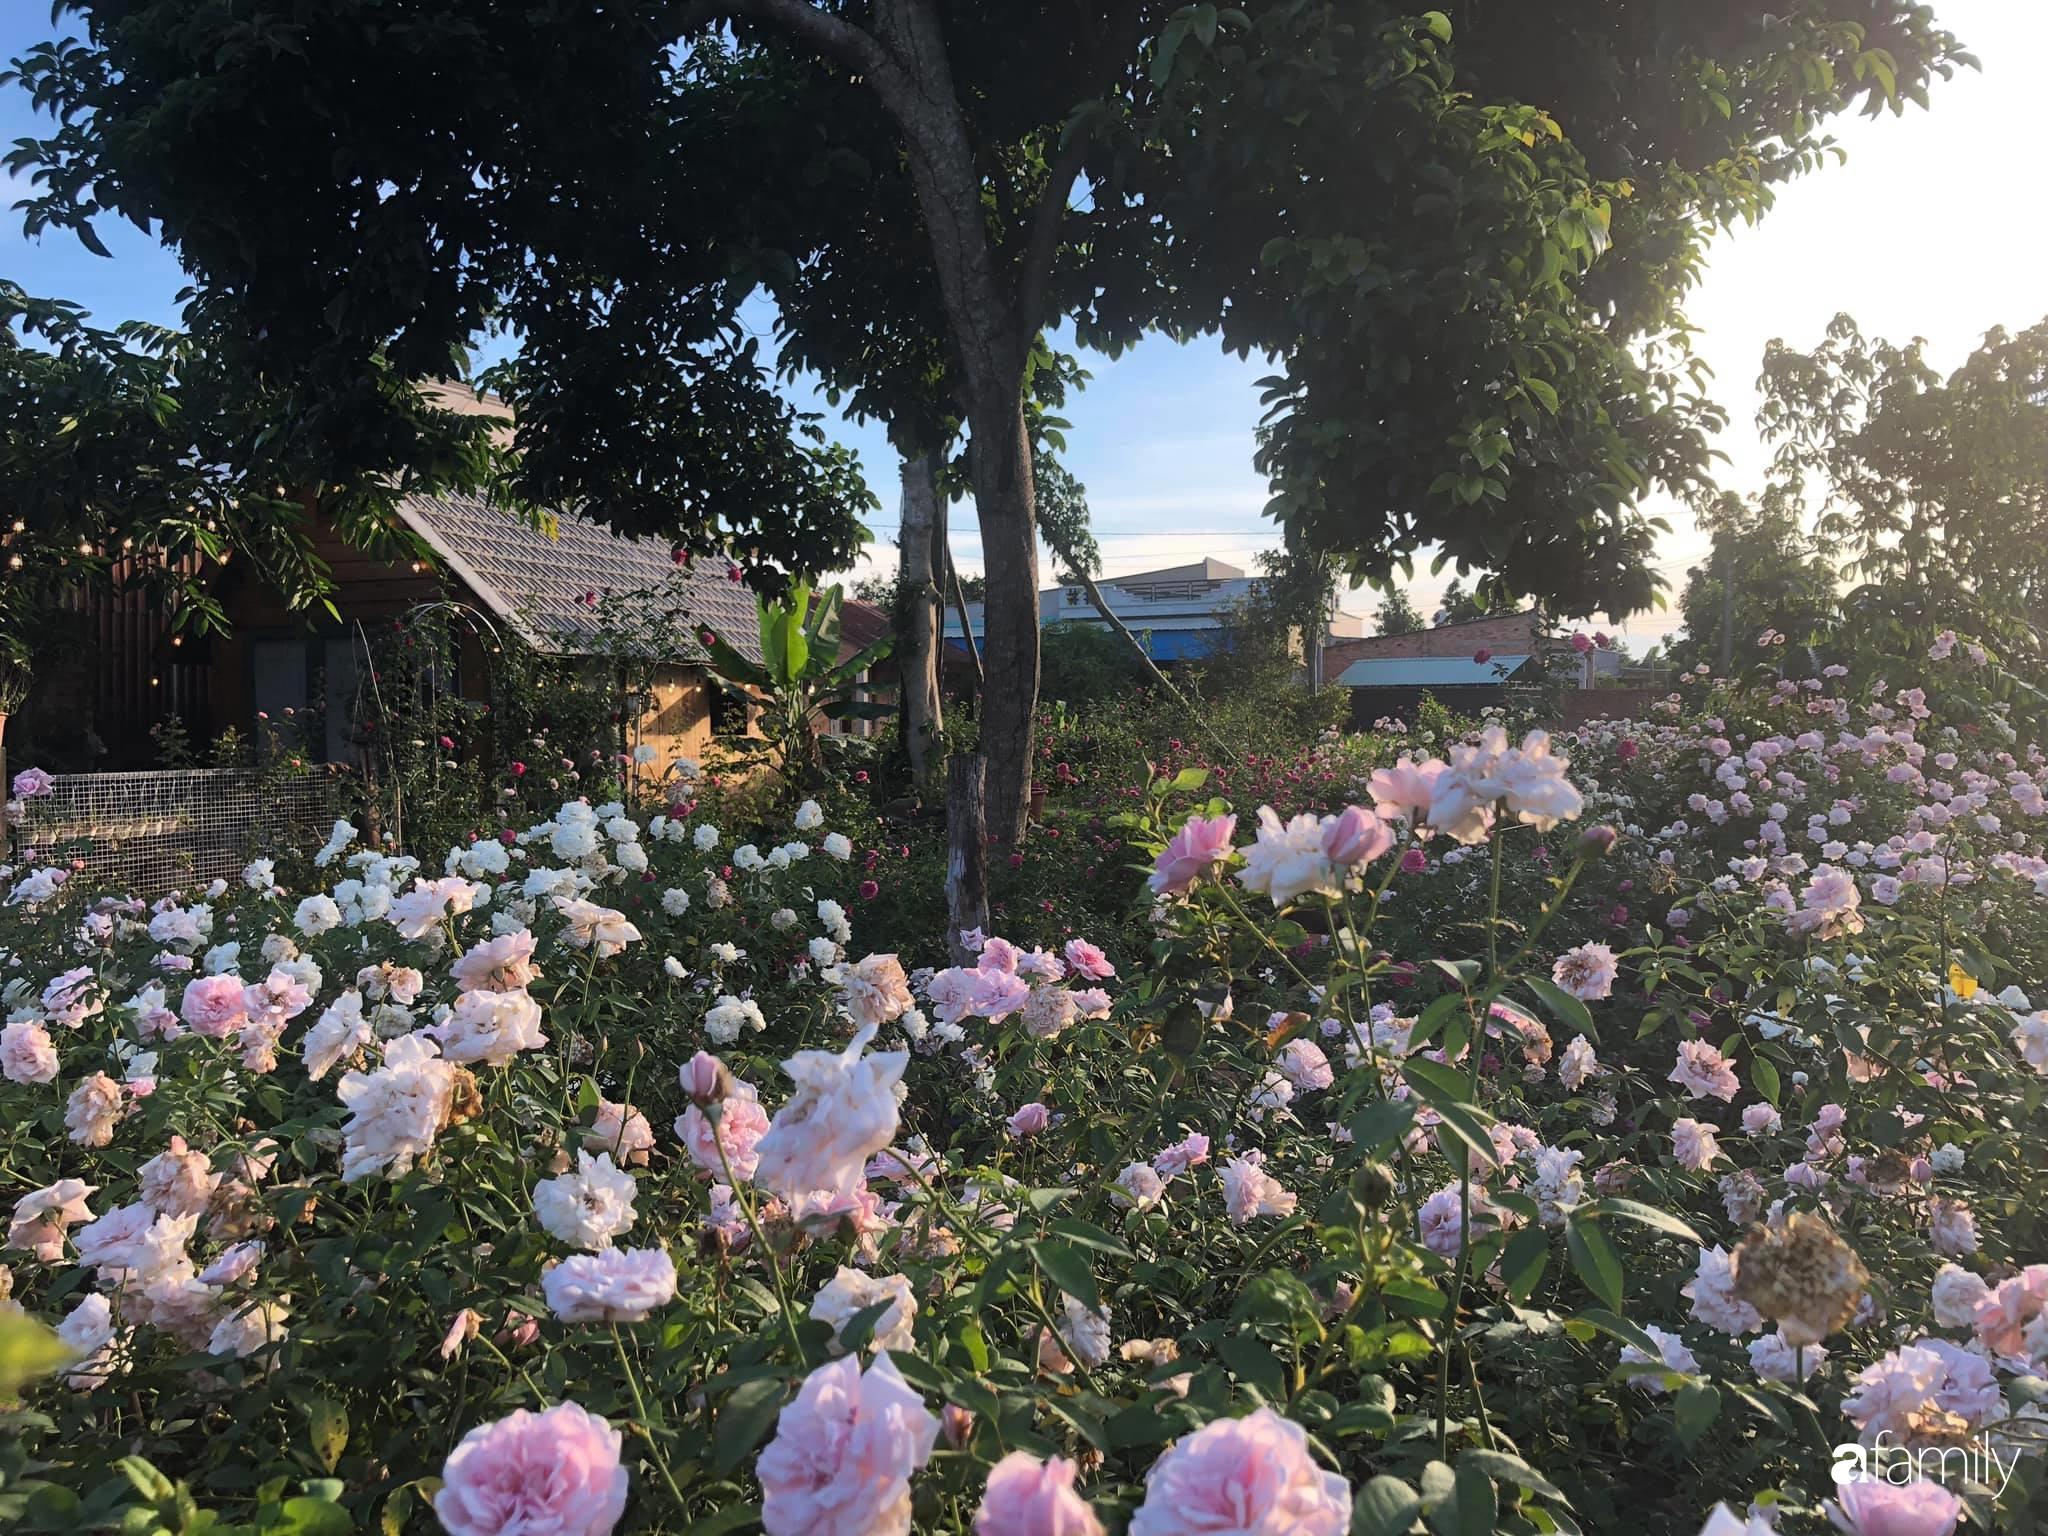 Khu vườn hoa hồng đẹp như cổ tích mà người chồng ngày đêm chăm sóc để tặng vợ con ở Vũng Tàu-13